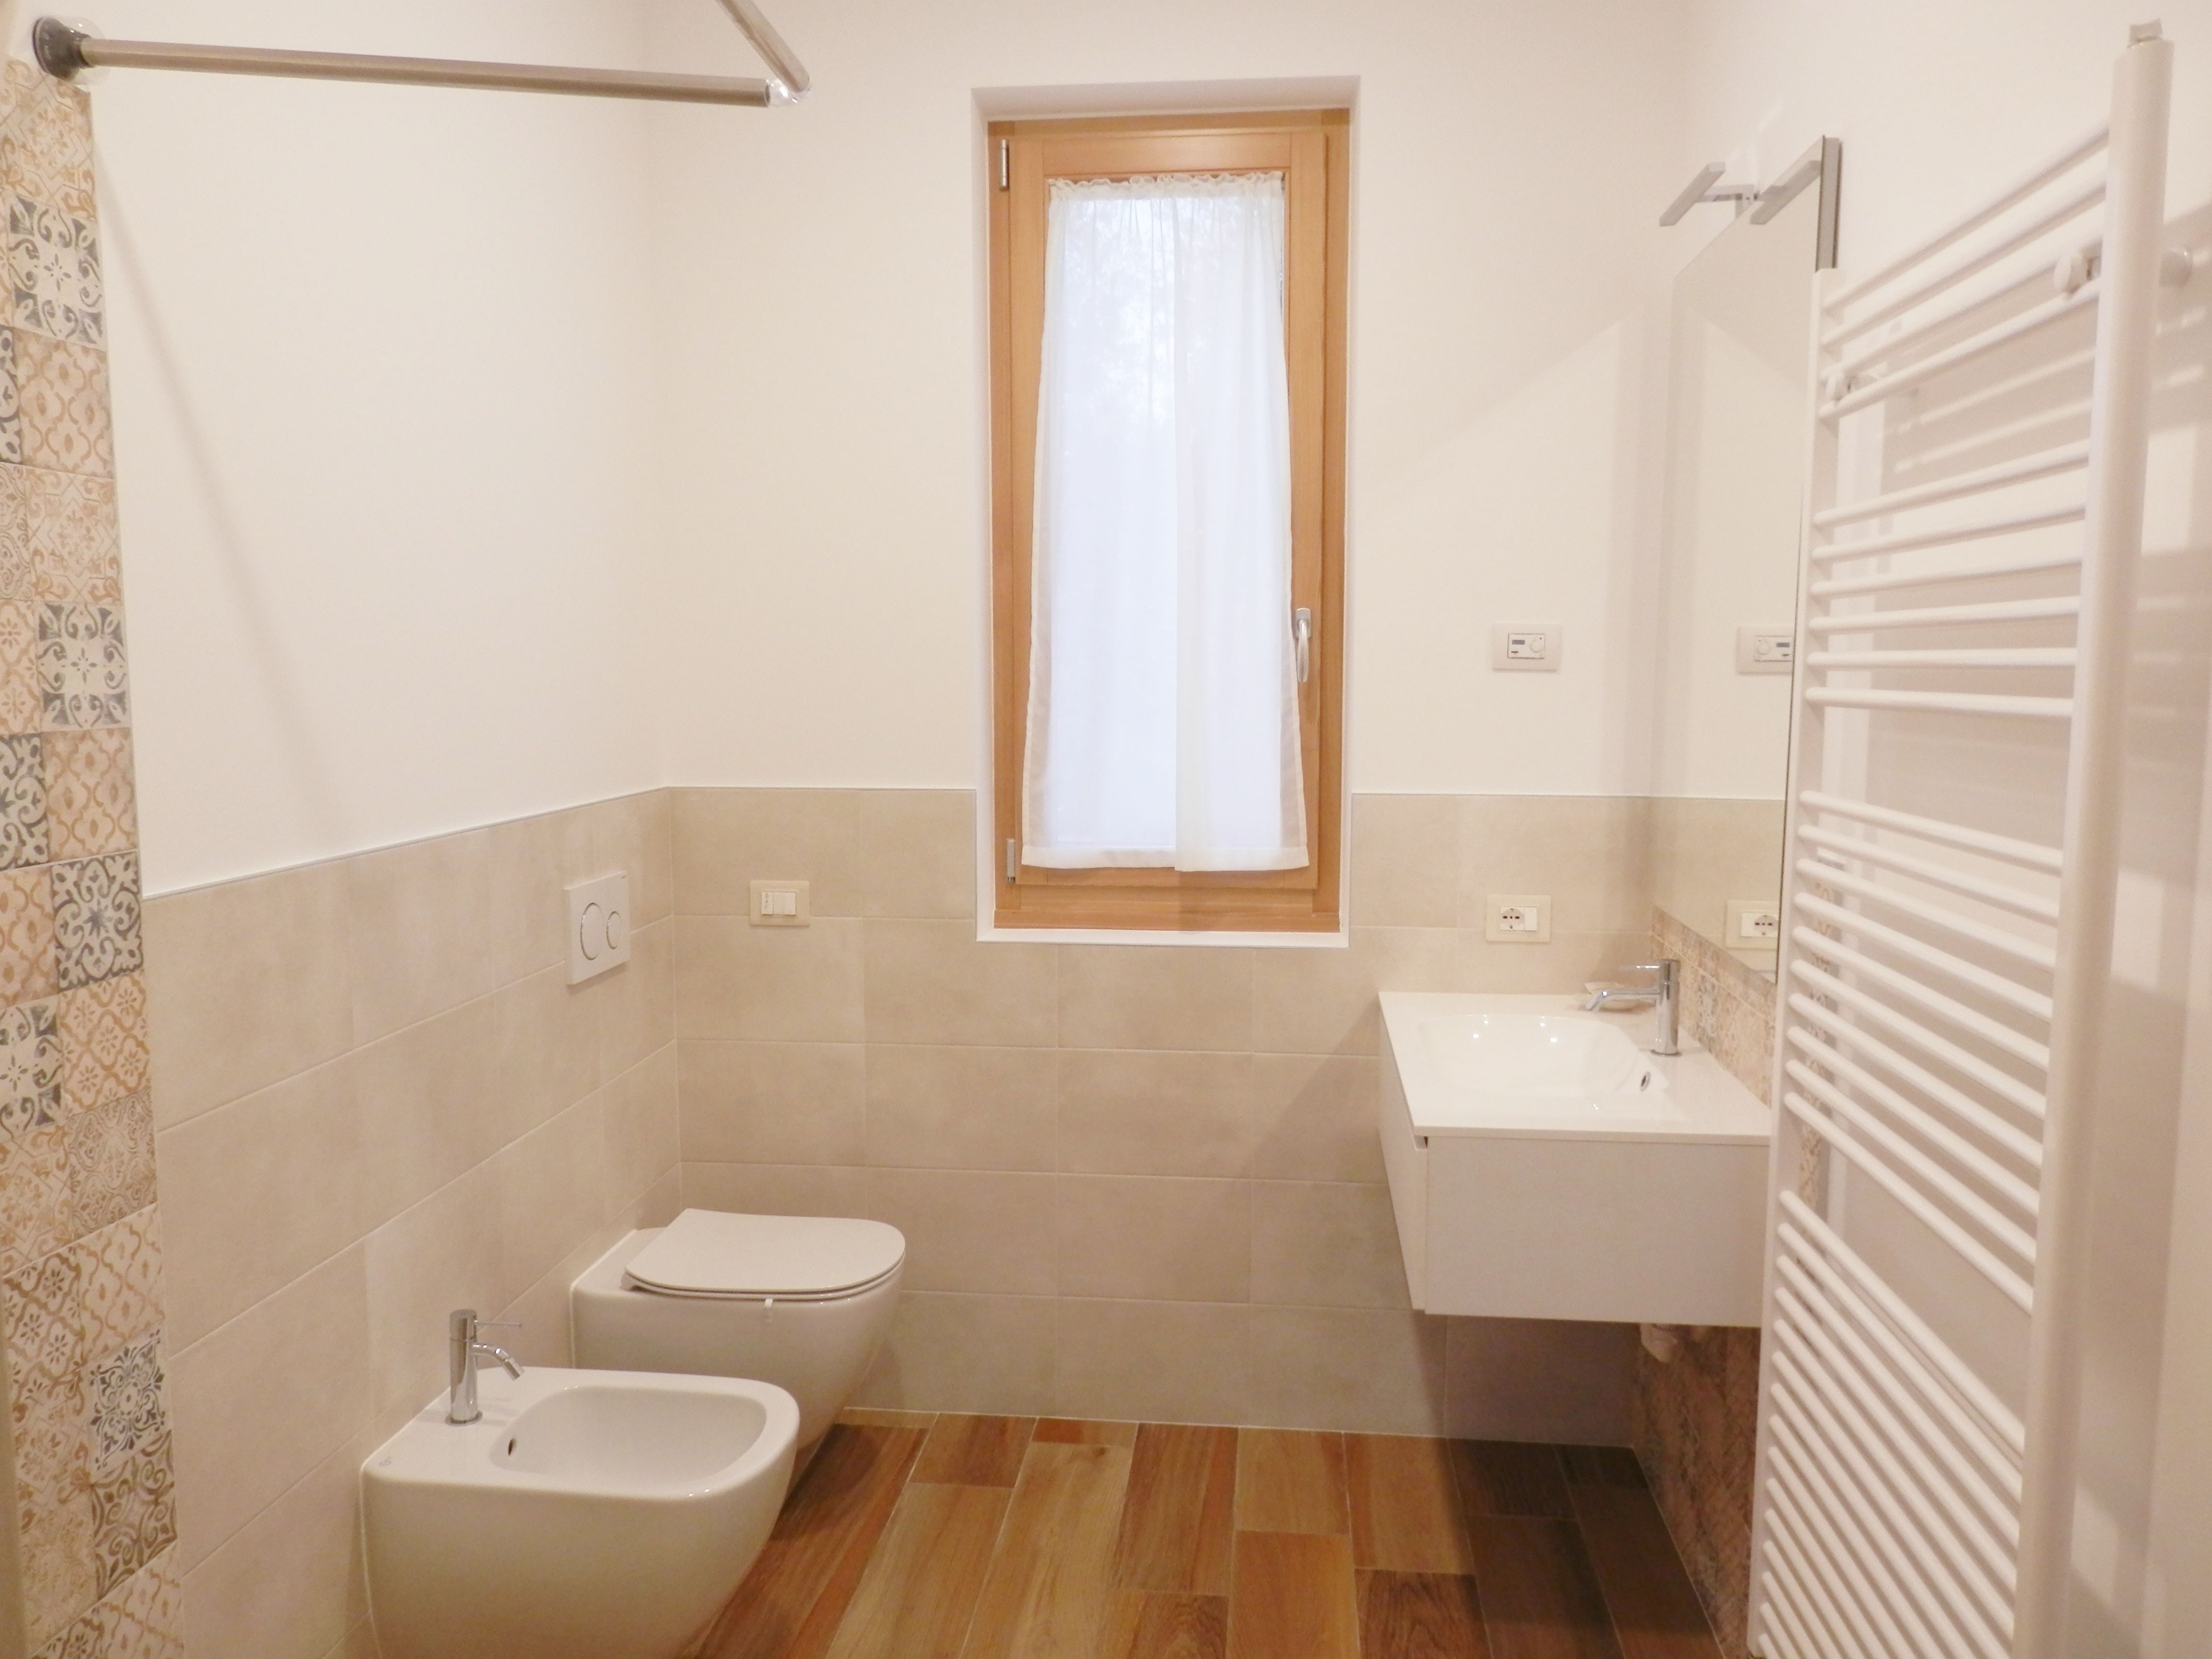 Appartamento bilocale Casaliva | Agriturismo Fioralba Lago di Garda